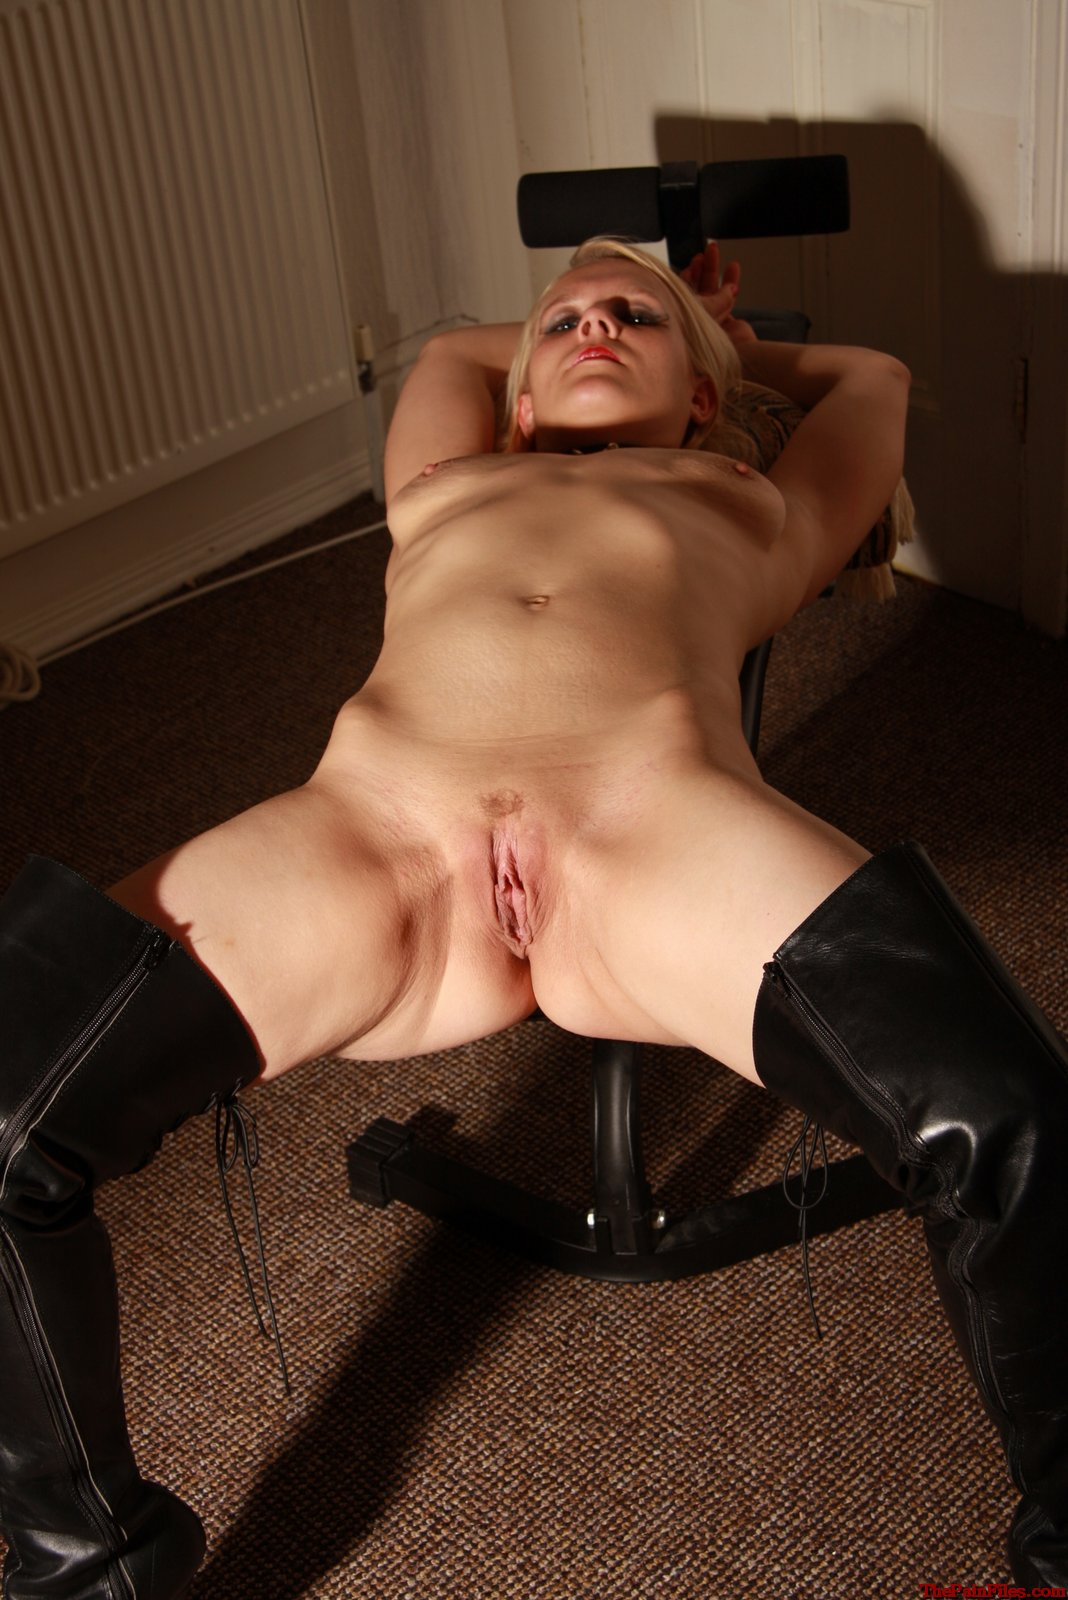 peitsche bdsm klitoris rubbeln